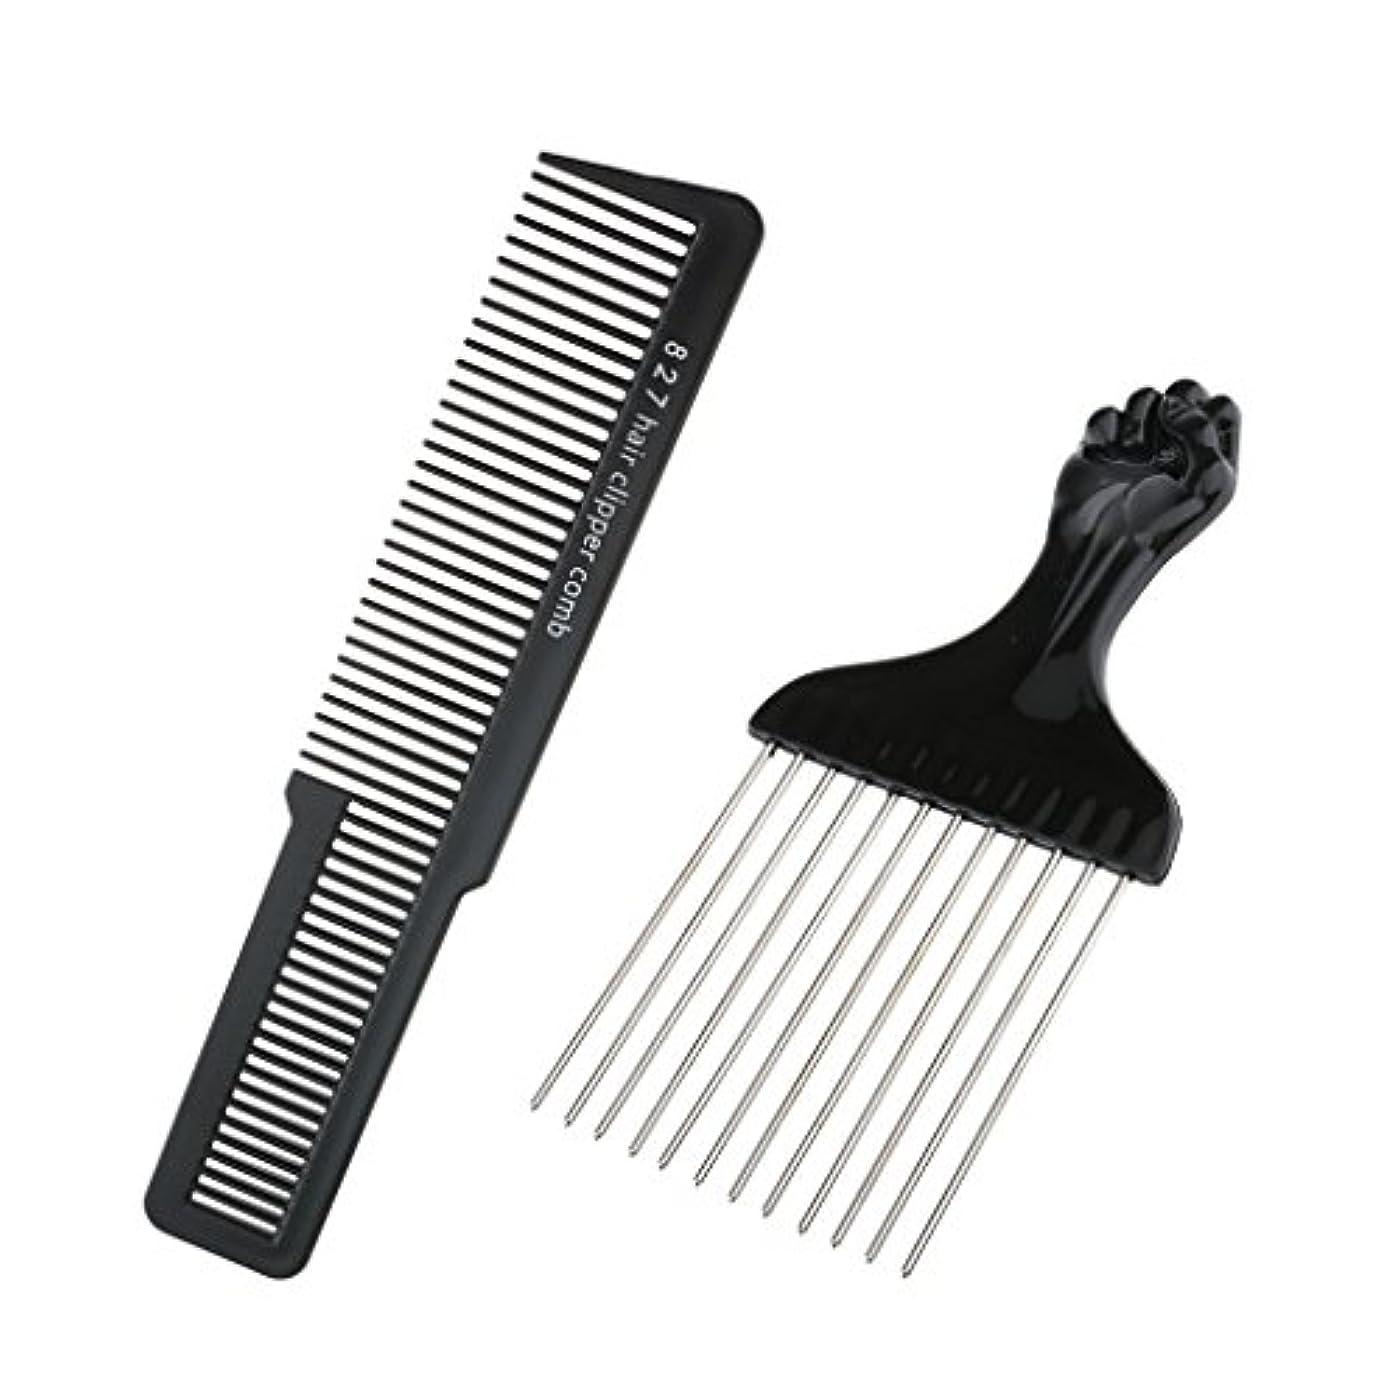 家庭キャリア音声学美容院の理髪師のヘアスタイリングセットの毛の切断のクリッパーの櫛セットが付いている黒いステンレス鋼のアフロピックブラシ